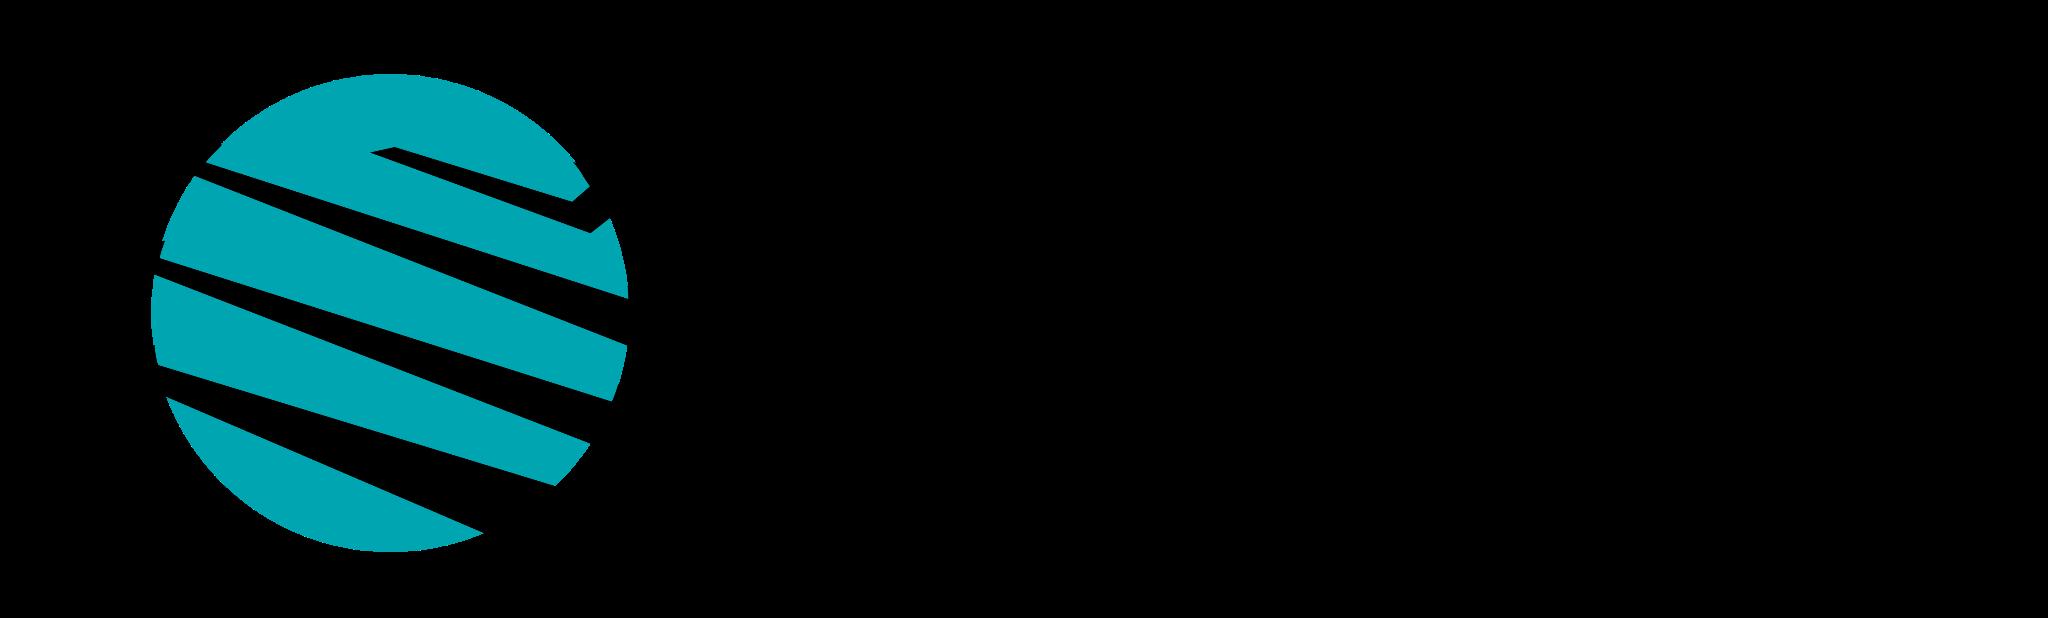 Walker Consultants logo